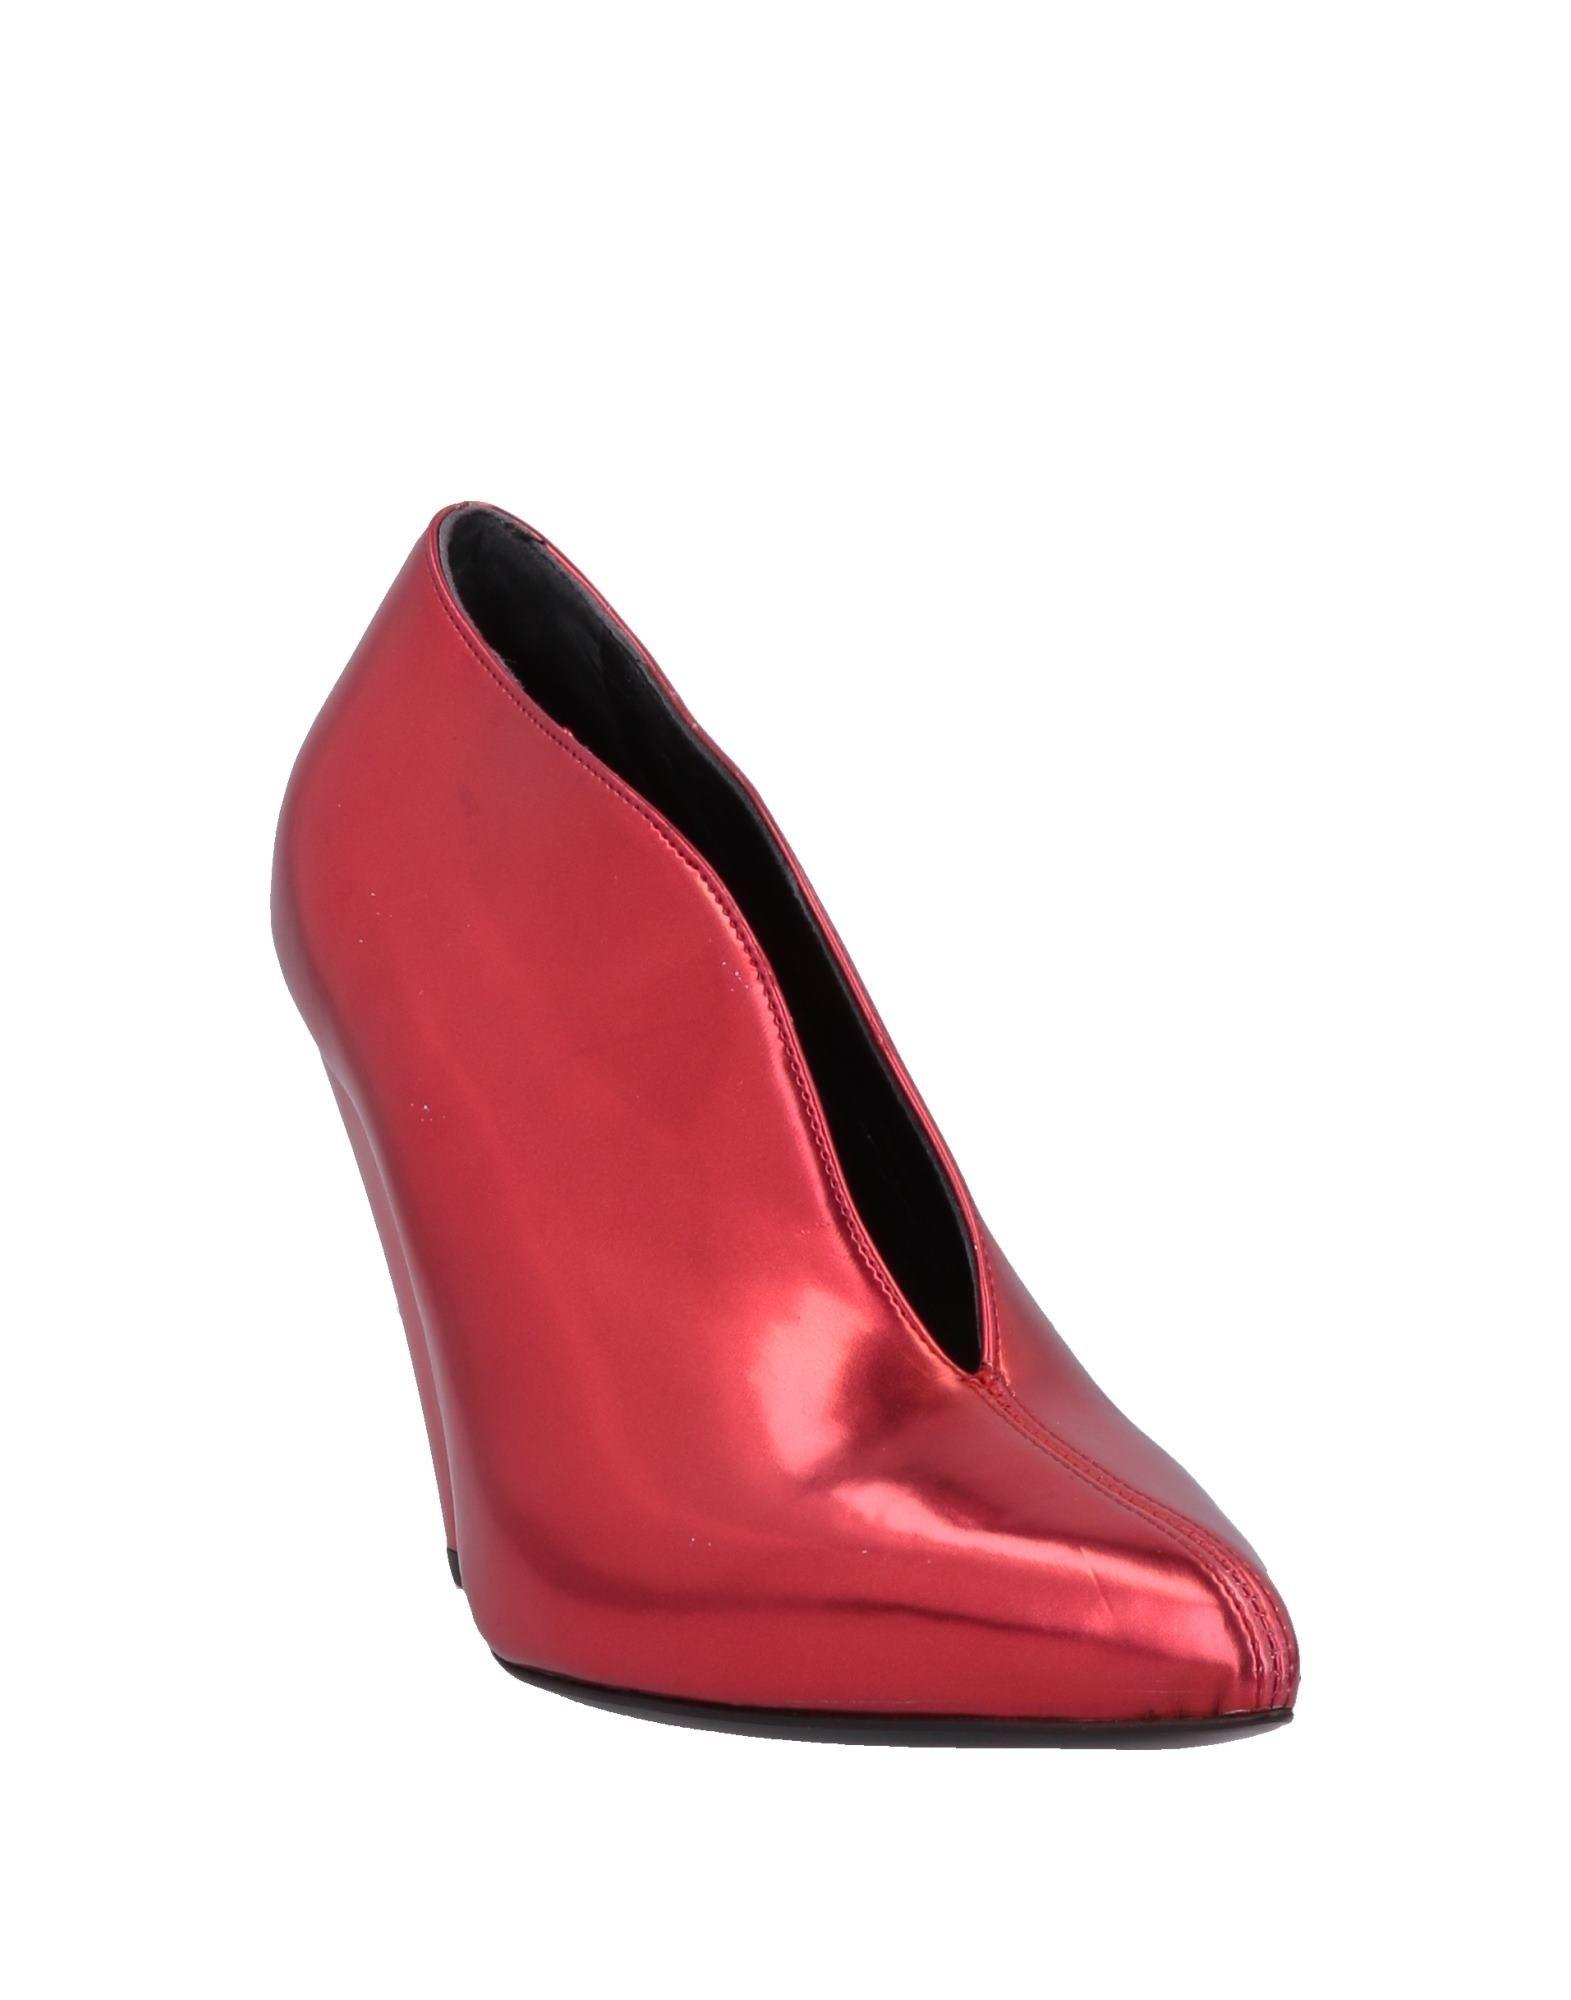 Botines Space Style Concept de Cuero de color Rojo